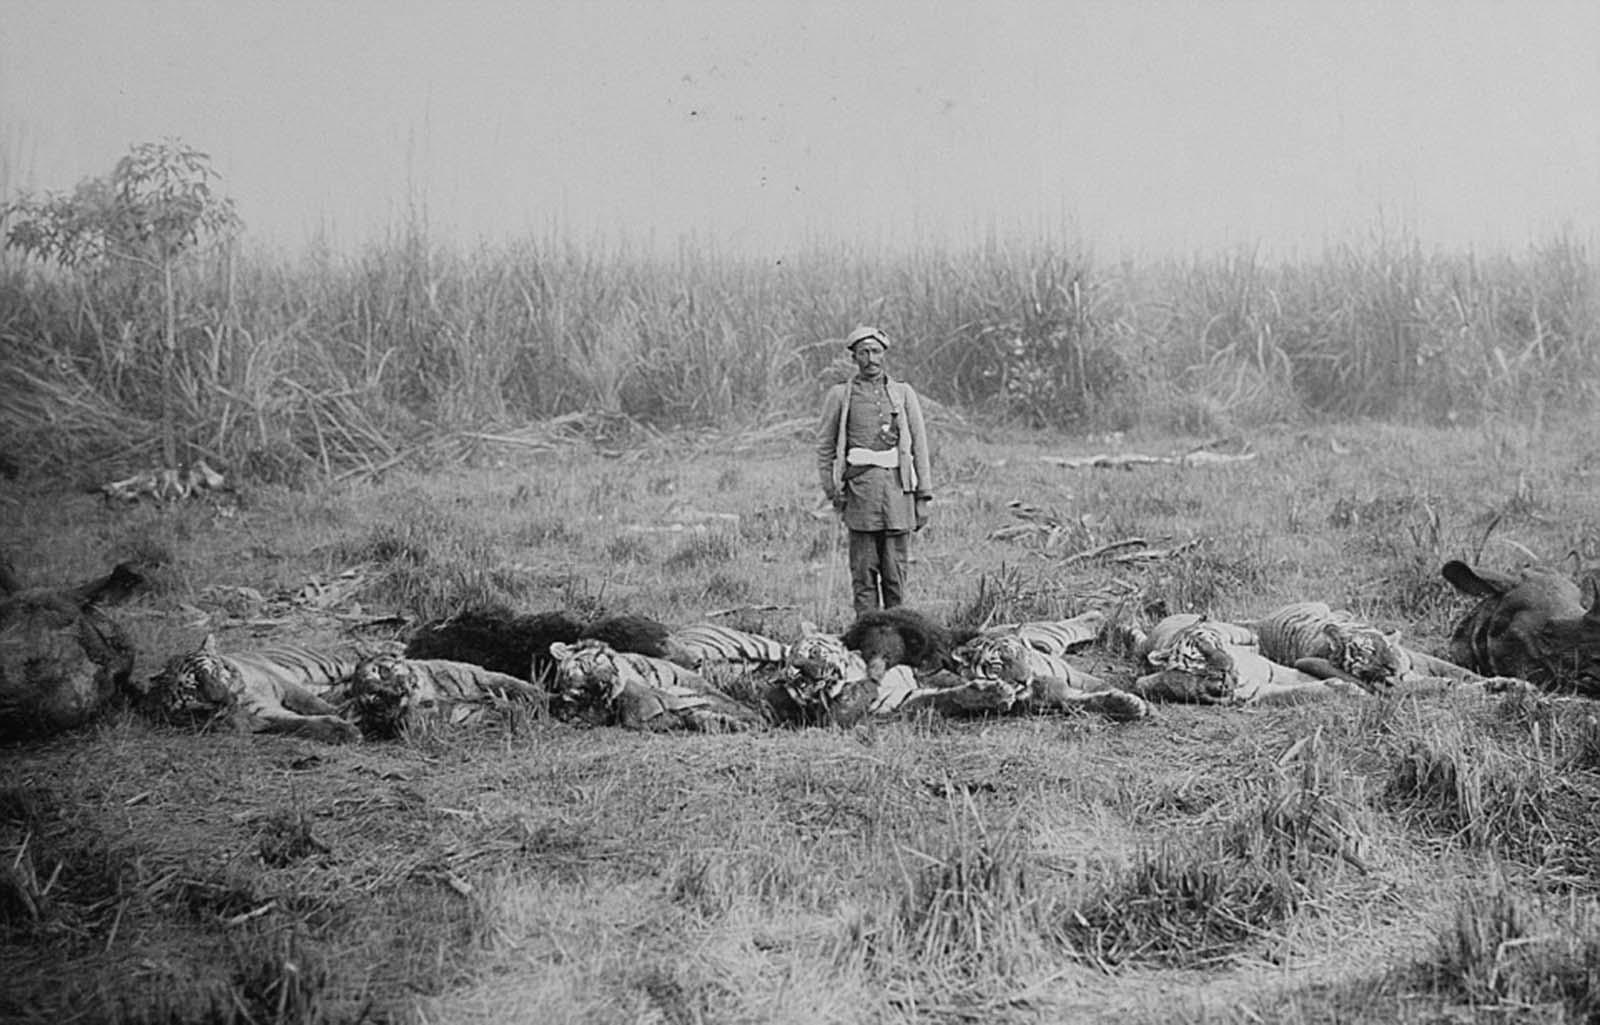 Em 1911 a realeza britânica foi à Índia para ser coroada e aproveitou para caçar 22